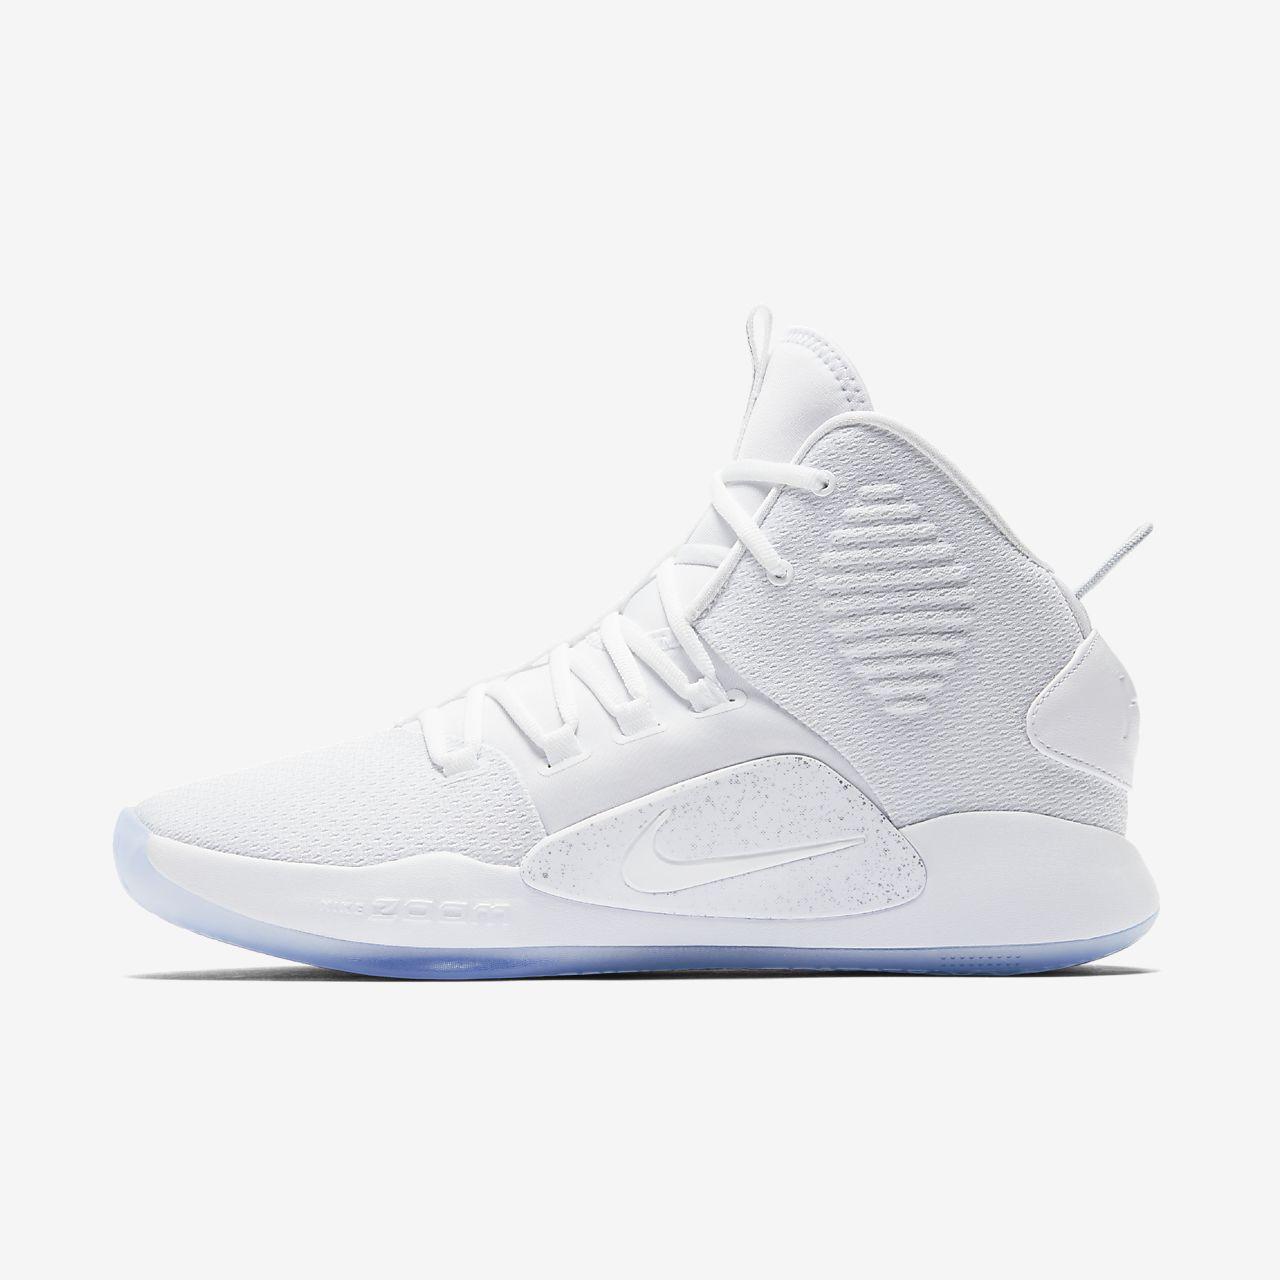 Calzado de básquetbol Nike Hyperdunk X